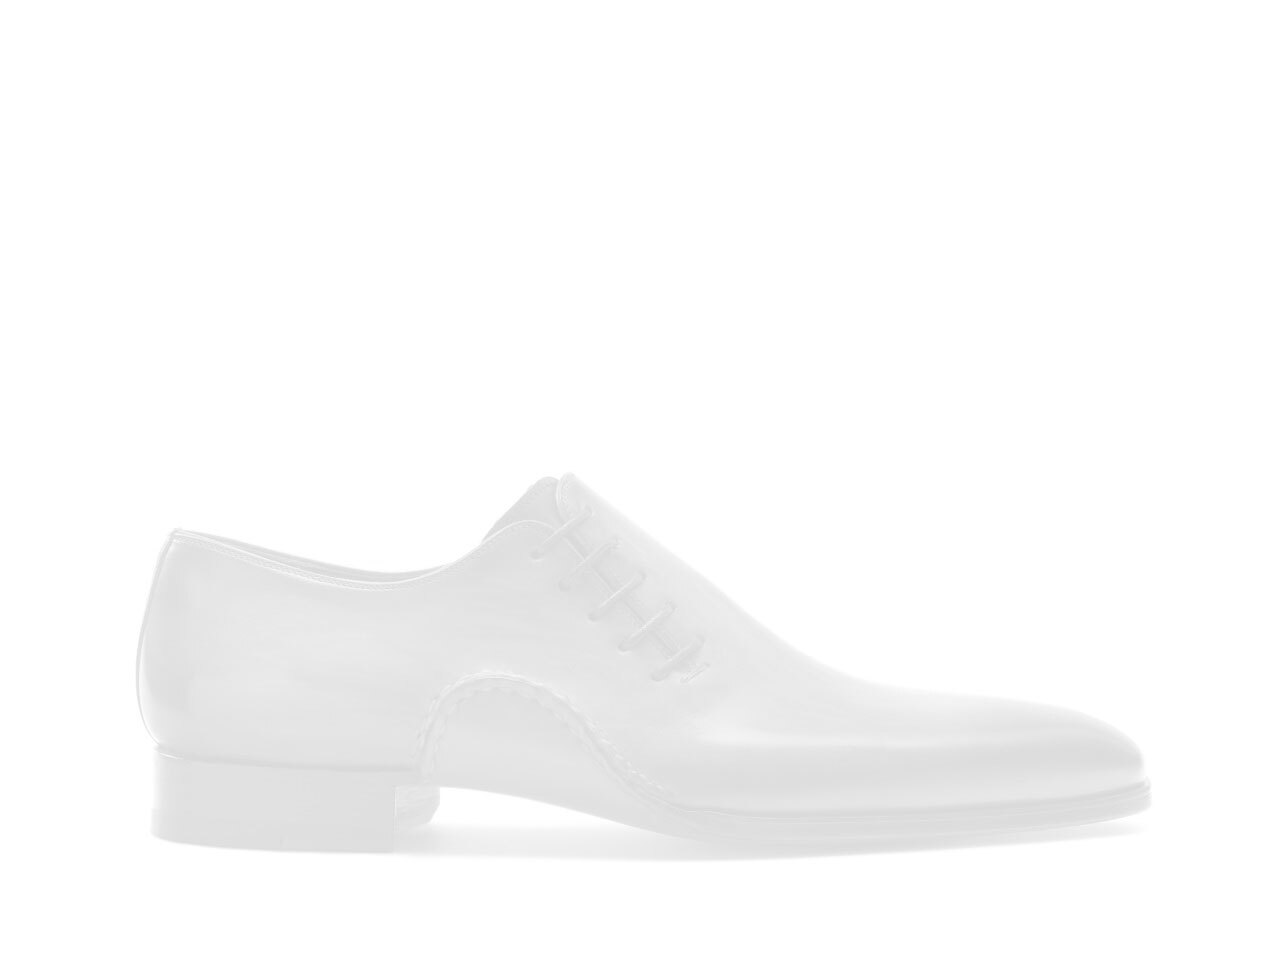 Cognac brown double monk strap shoes for men - Magnanni